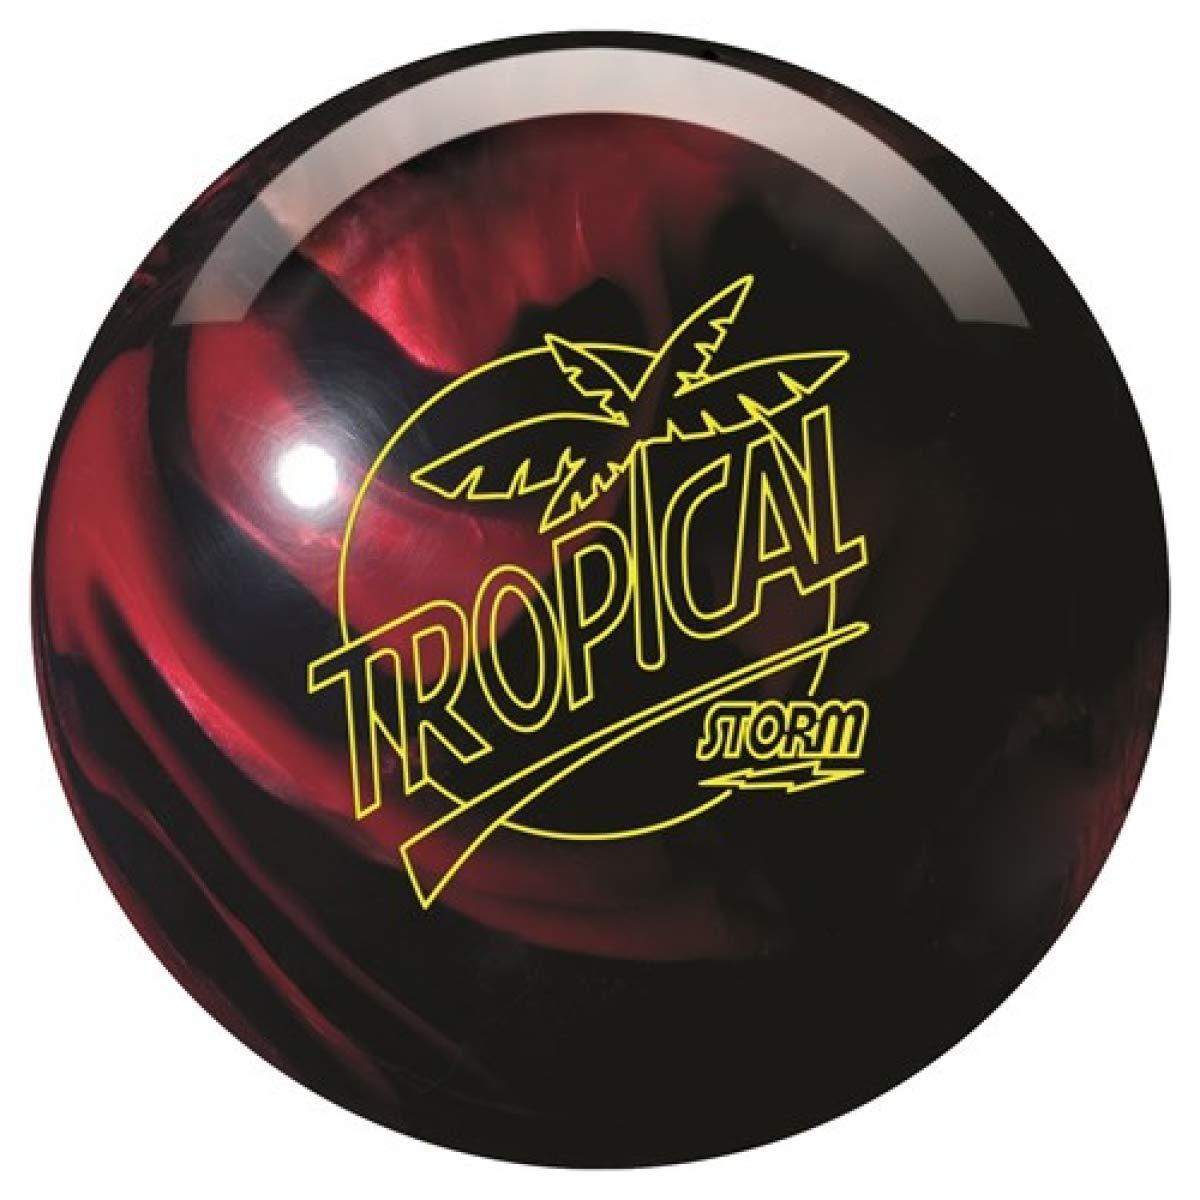 para Mujer y Hombre. Storm Tropical reaktiv Bolos de Ball/ /Bola de Bolos Acceso en el Arco Parte Muchos Peso